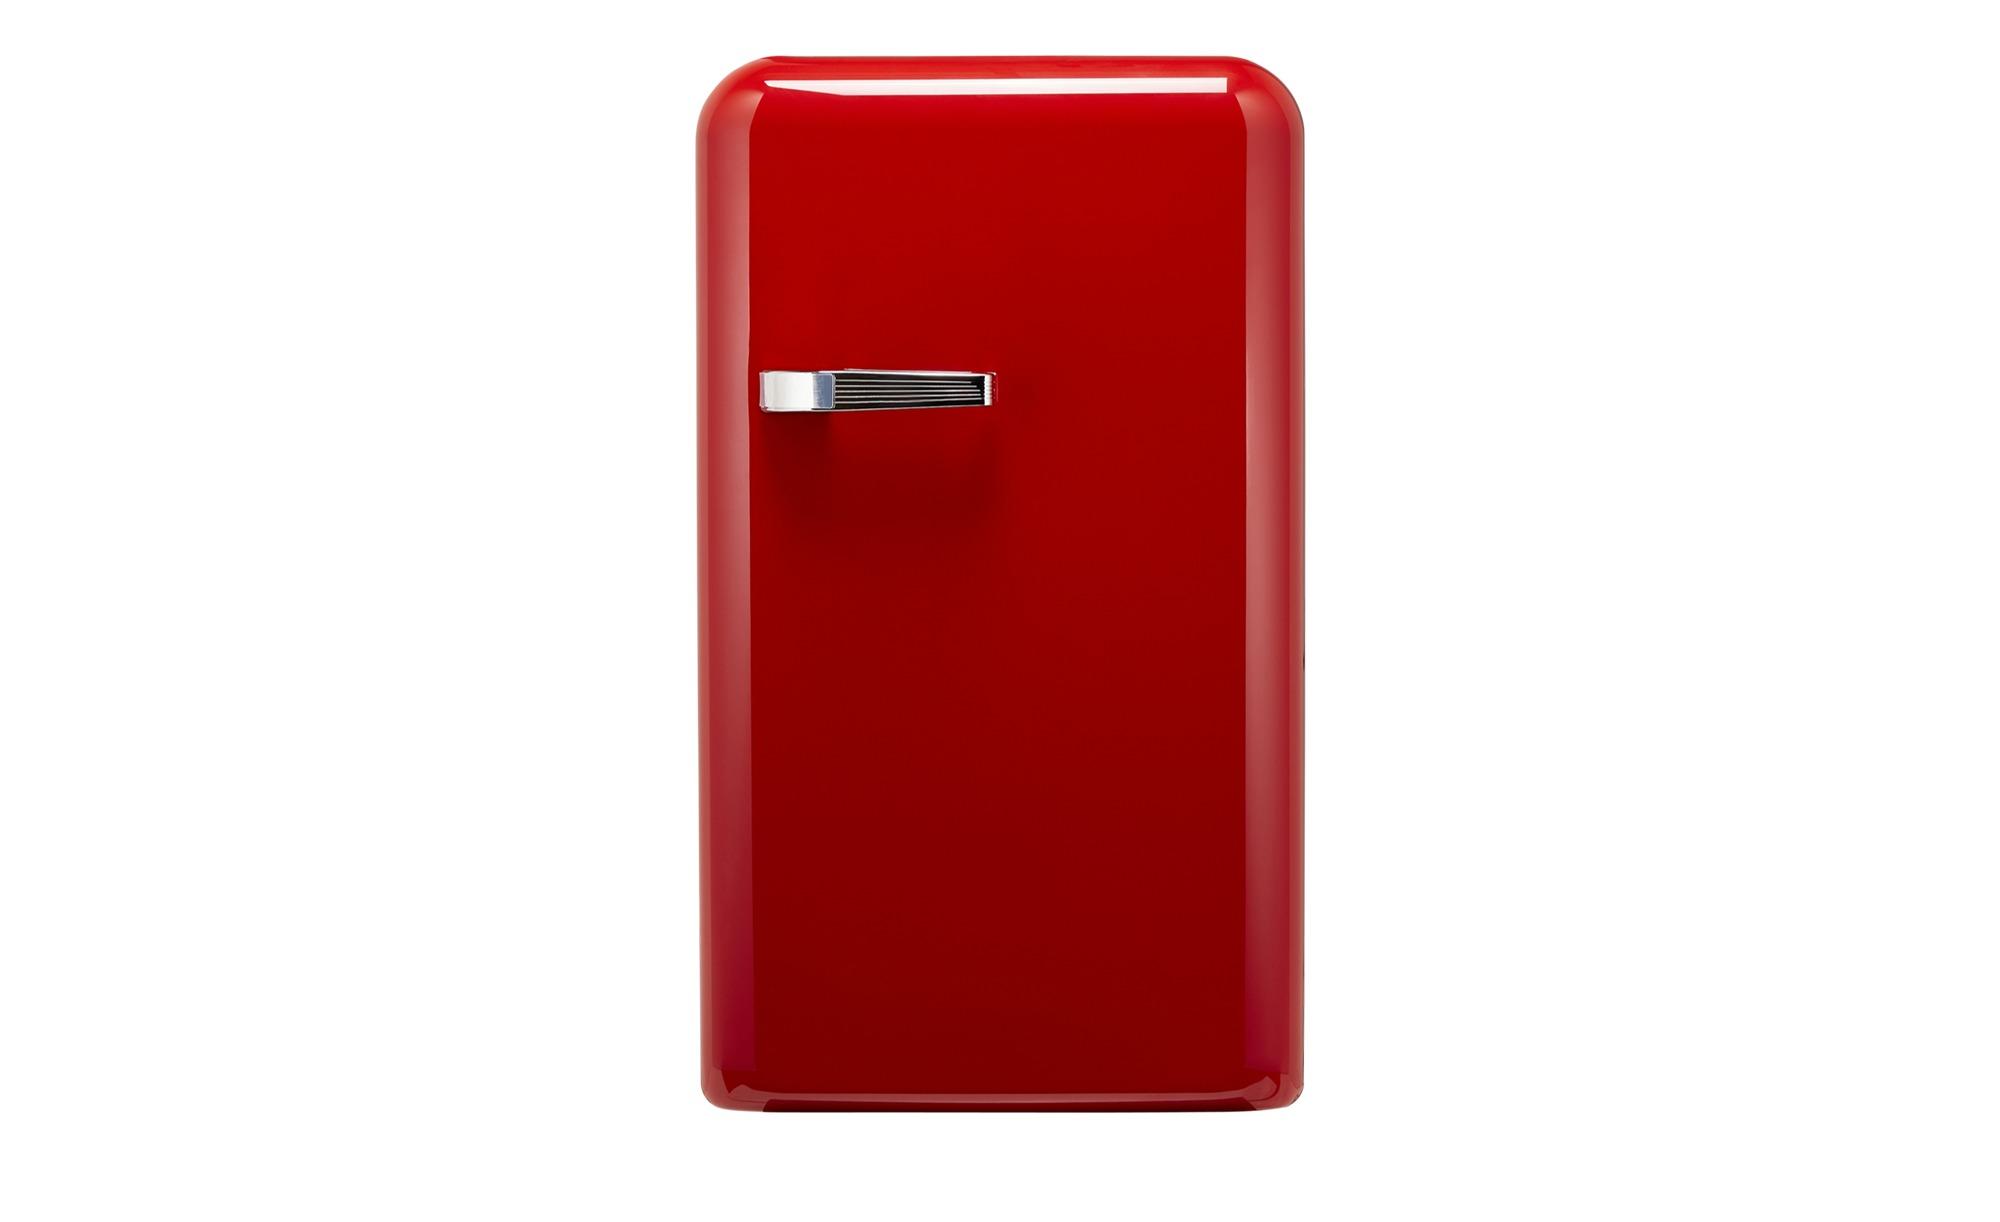 Bosch Minibar Kühlschrank : Kühlschränke online kaufen möbel suchmaschine ladendirekt.de